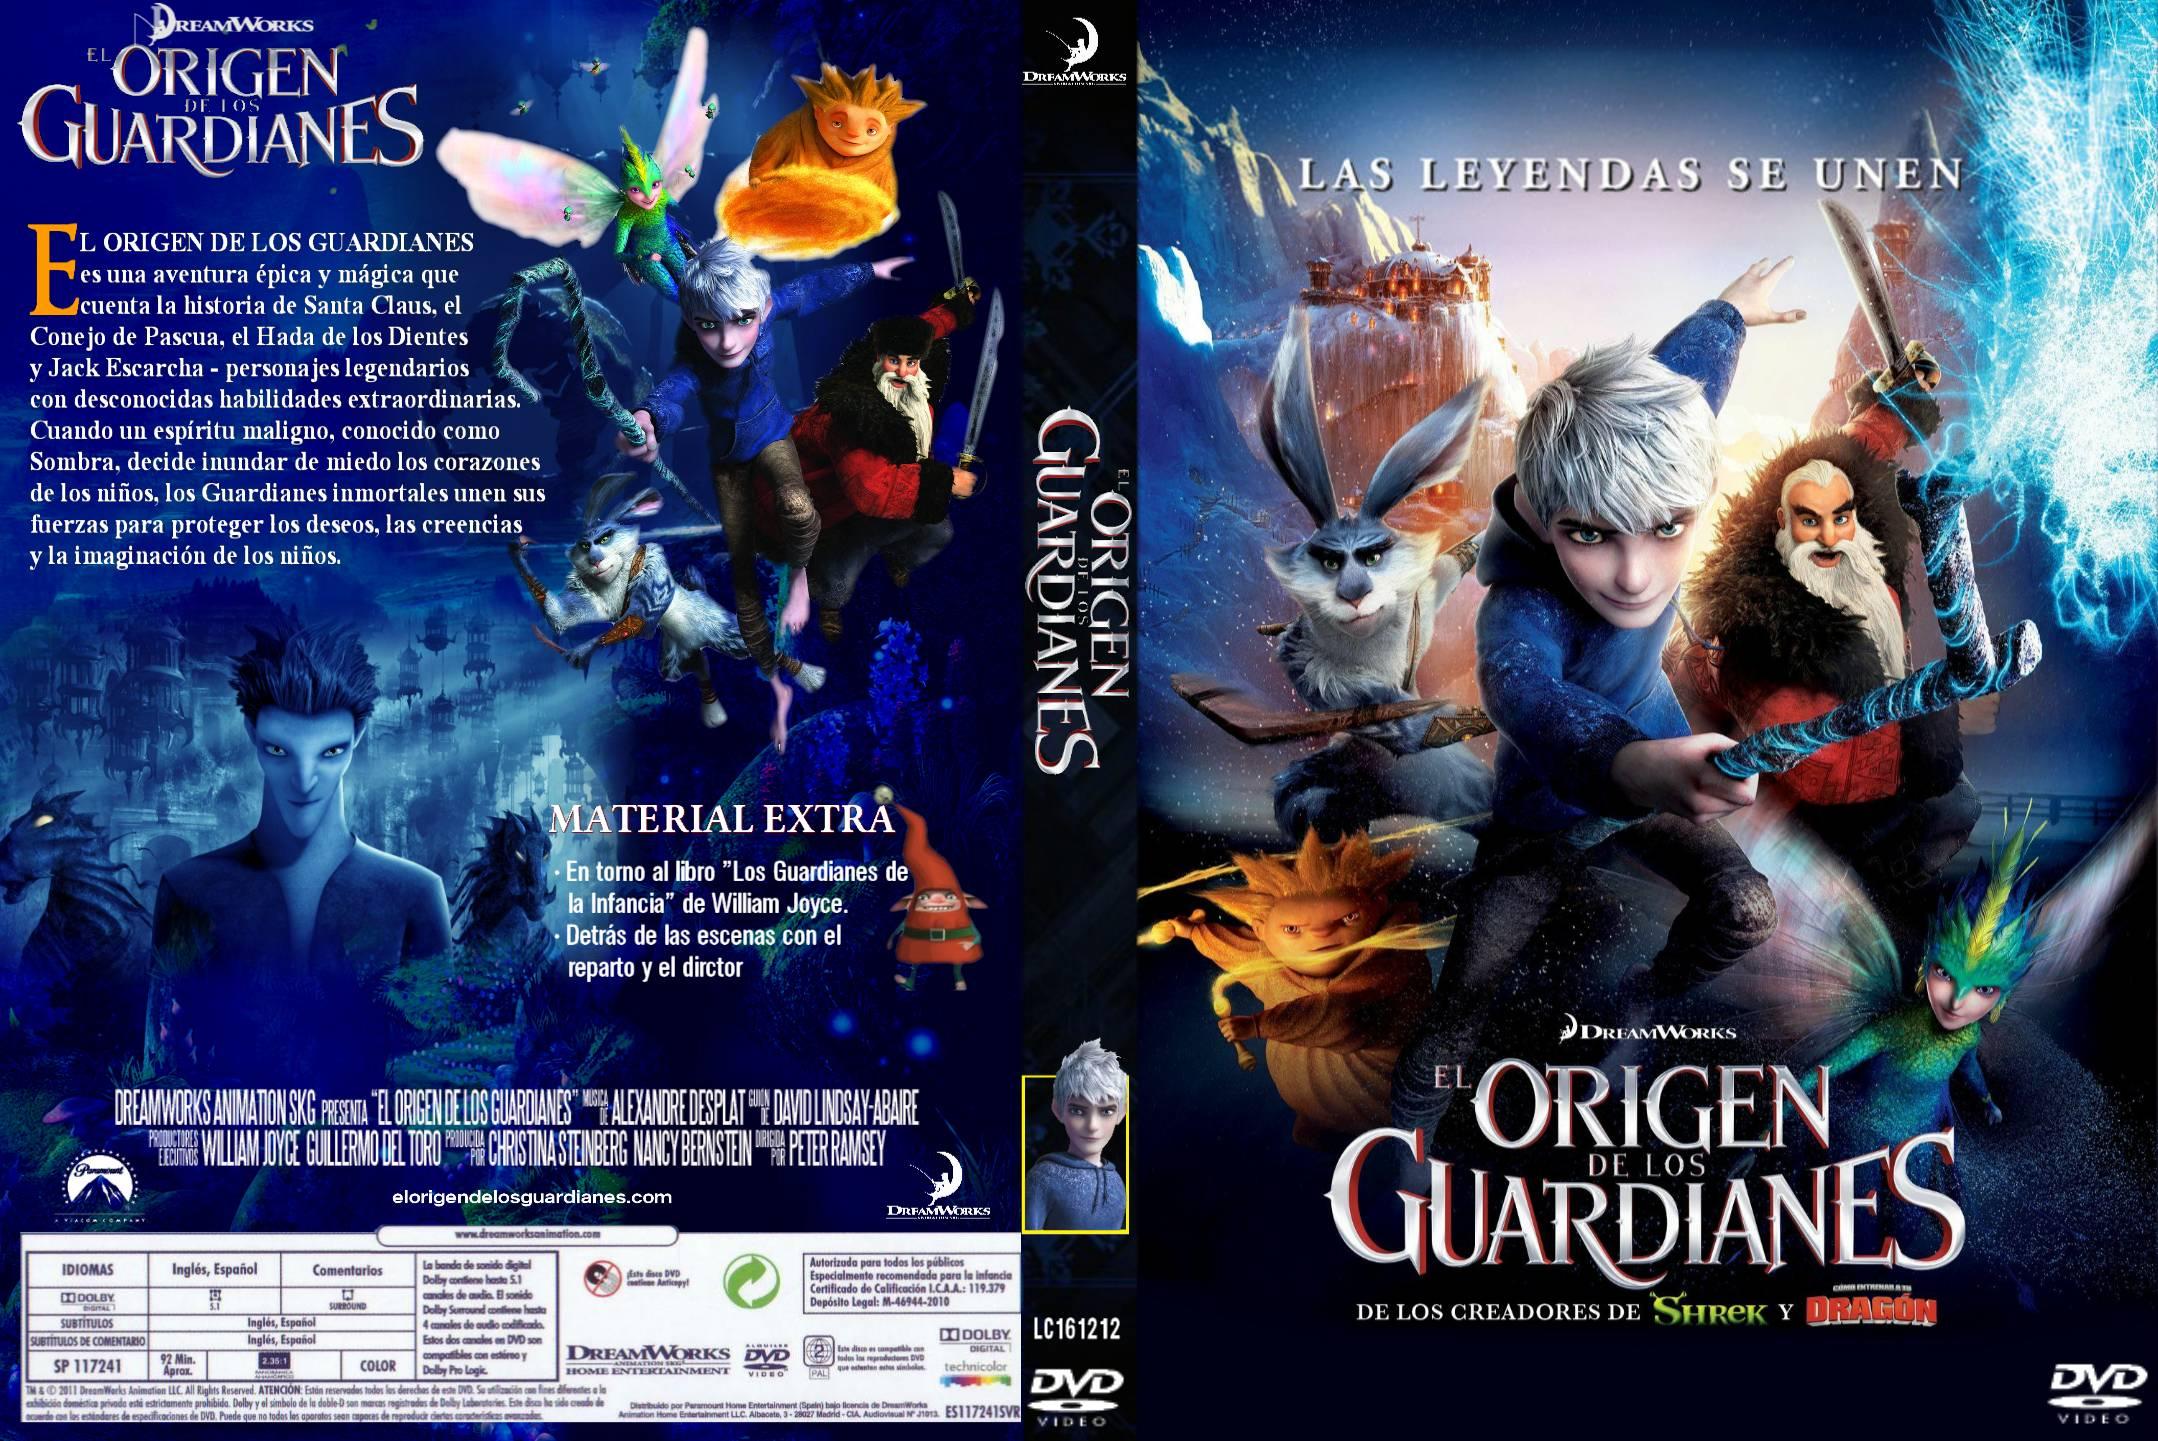 el-origen-de-los-guardianes-custom-por-l